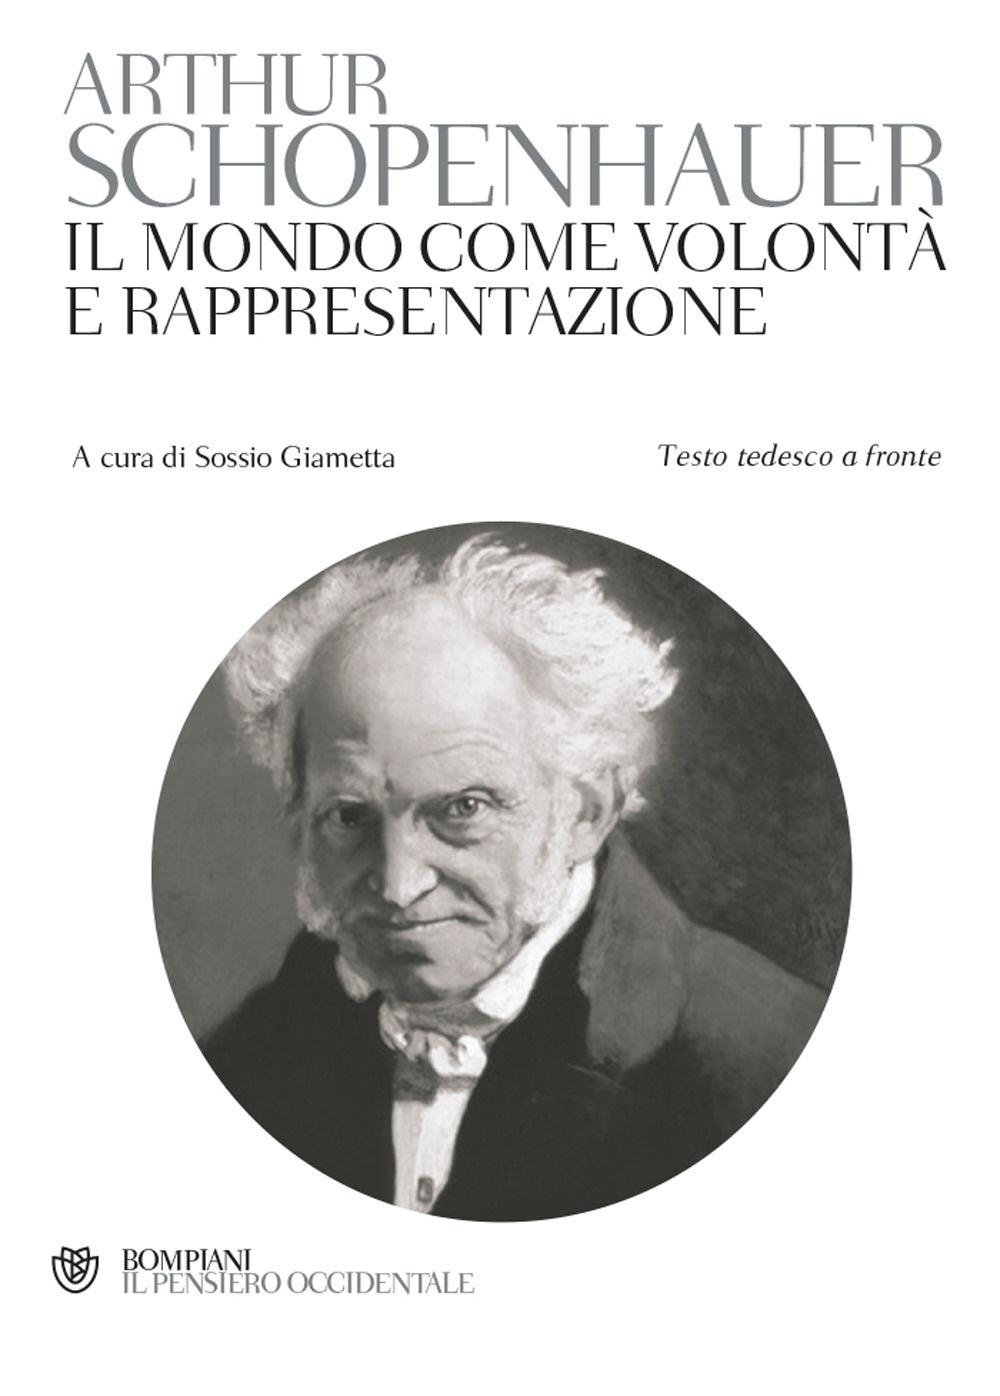 Il mondo come volontà e rappresentazione - Schopenhauer, Arthur